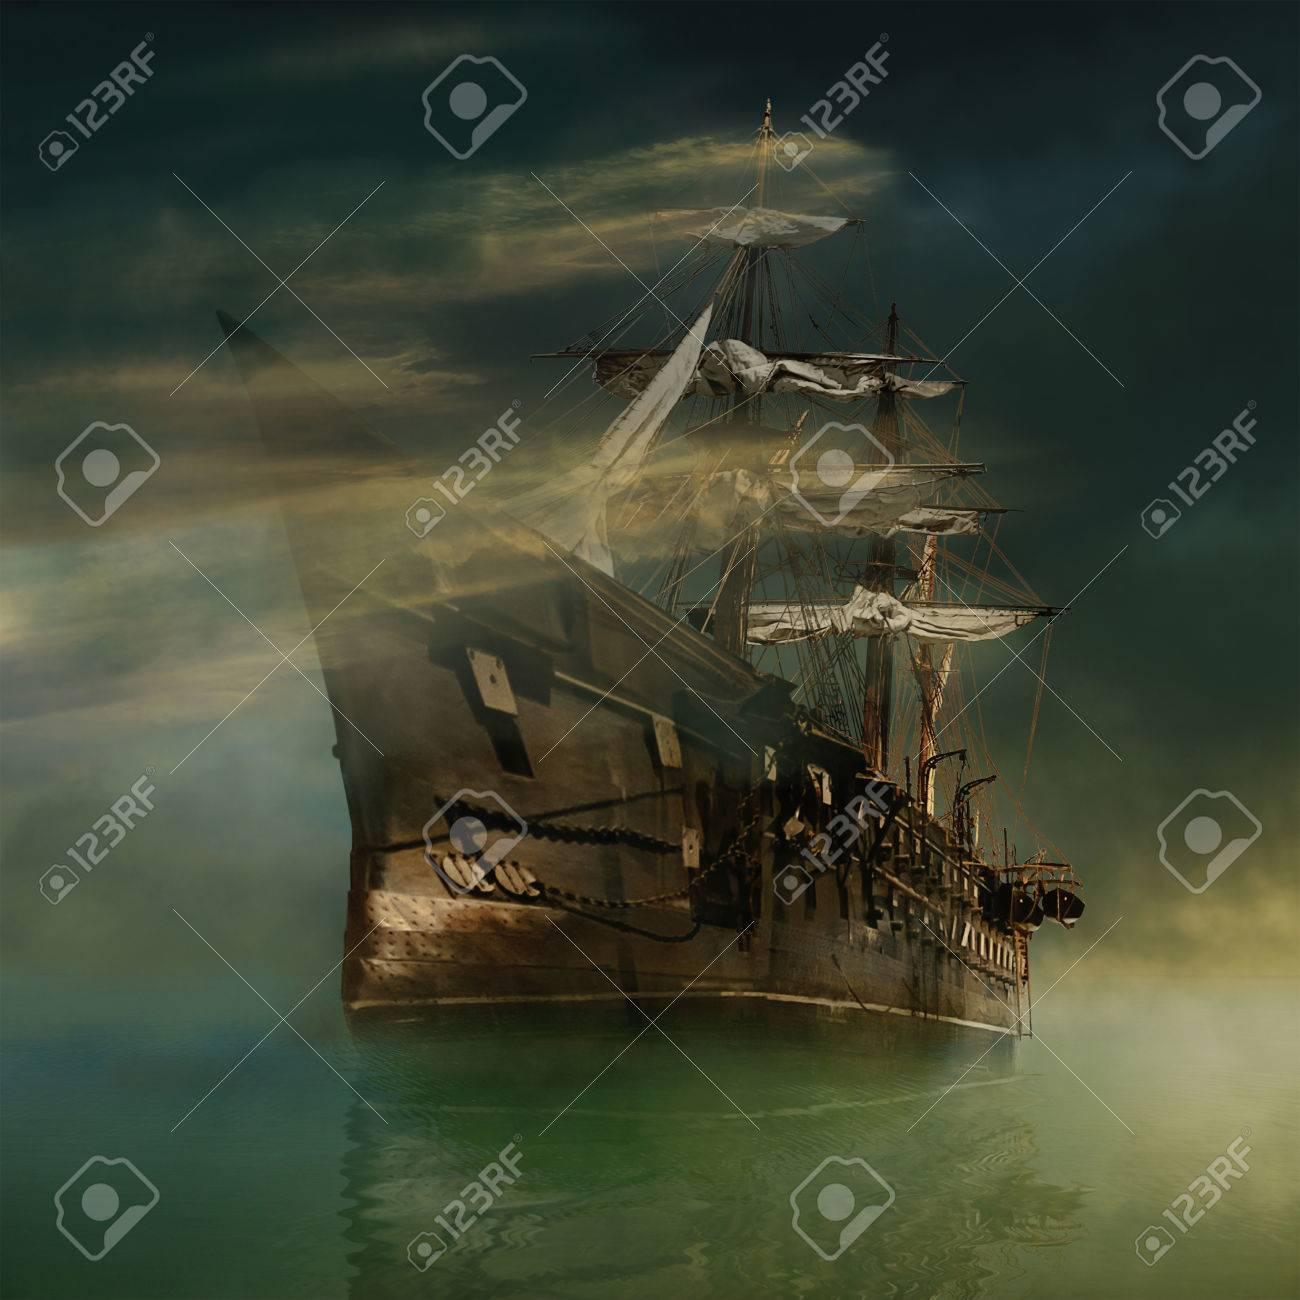 A phantasmagoric old ship sailing in calm waters - 40618976